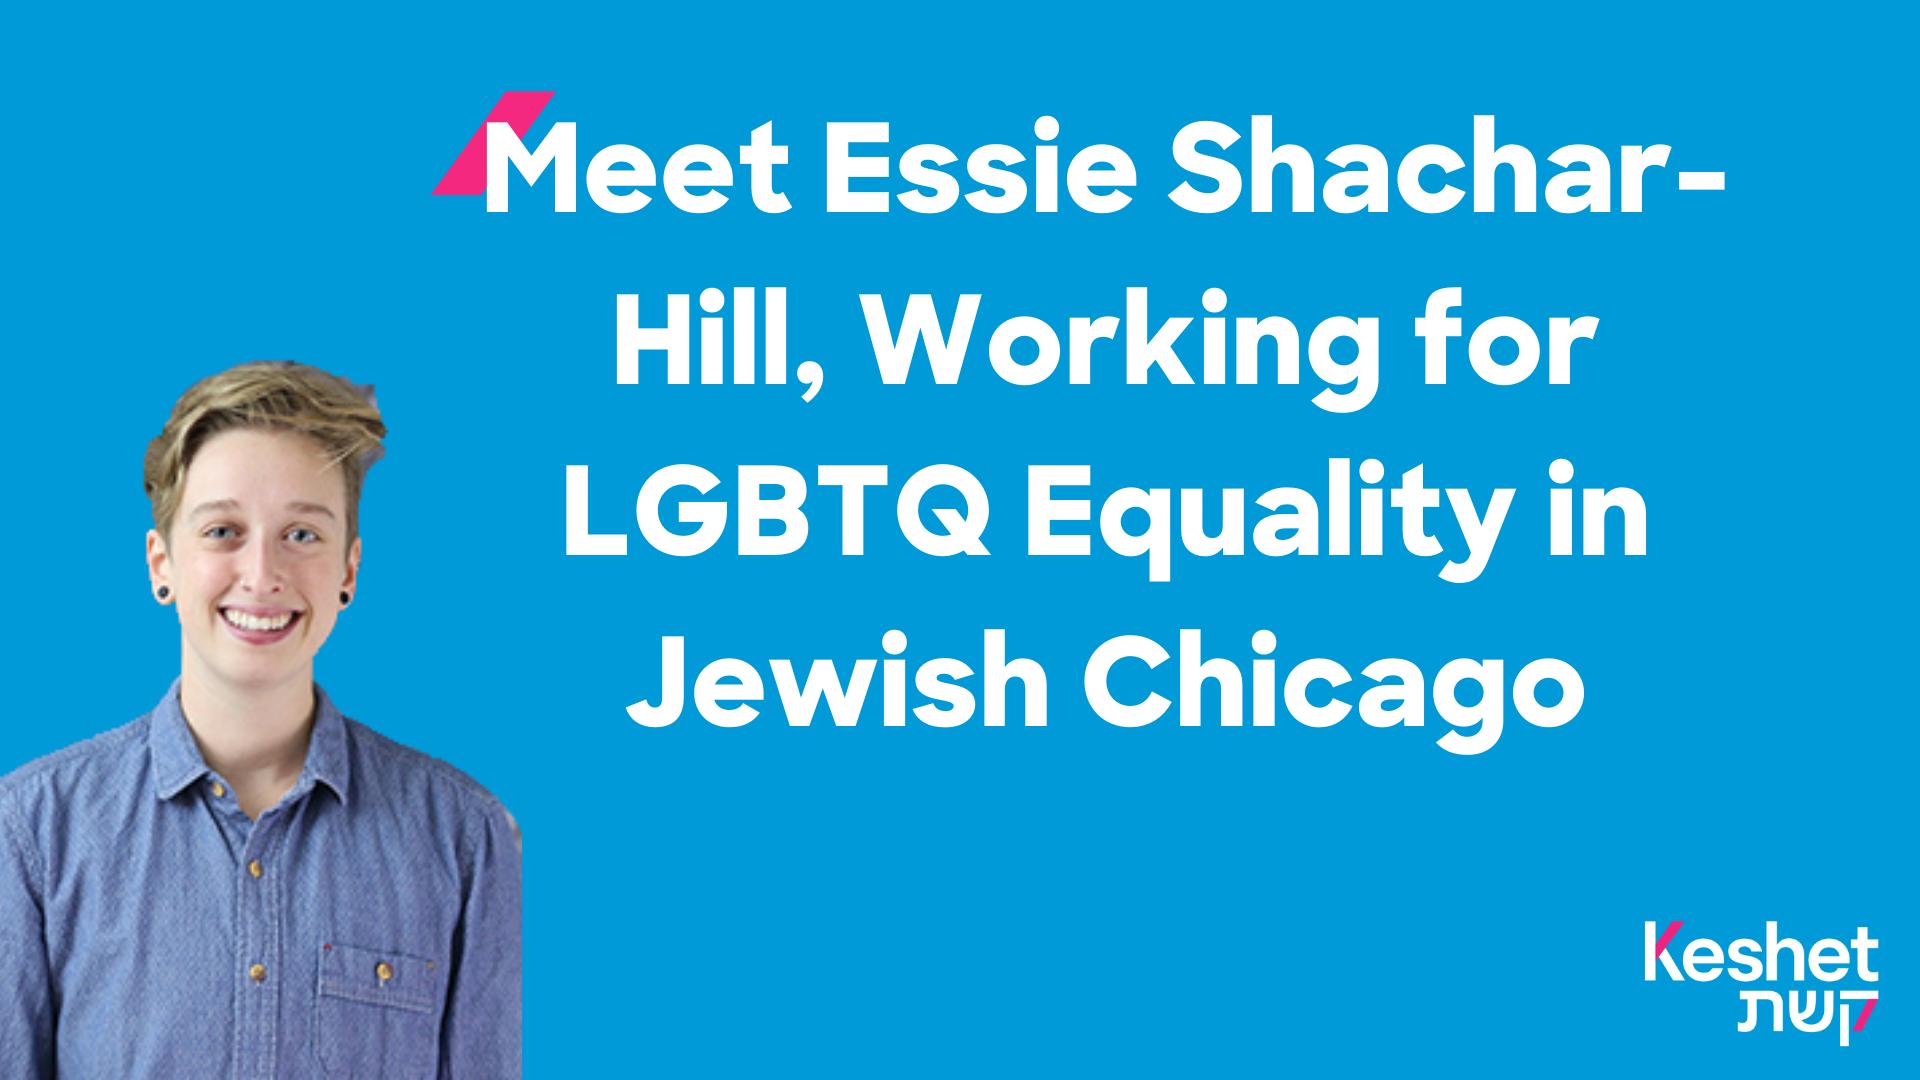 Meet Essie Shachar-Hill, Chicago's first full-time Keshet change-maker